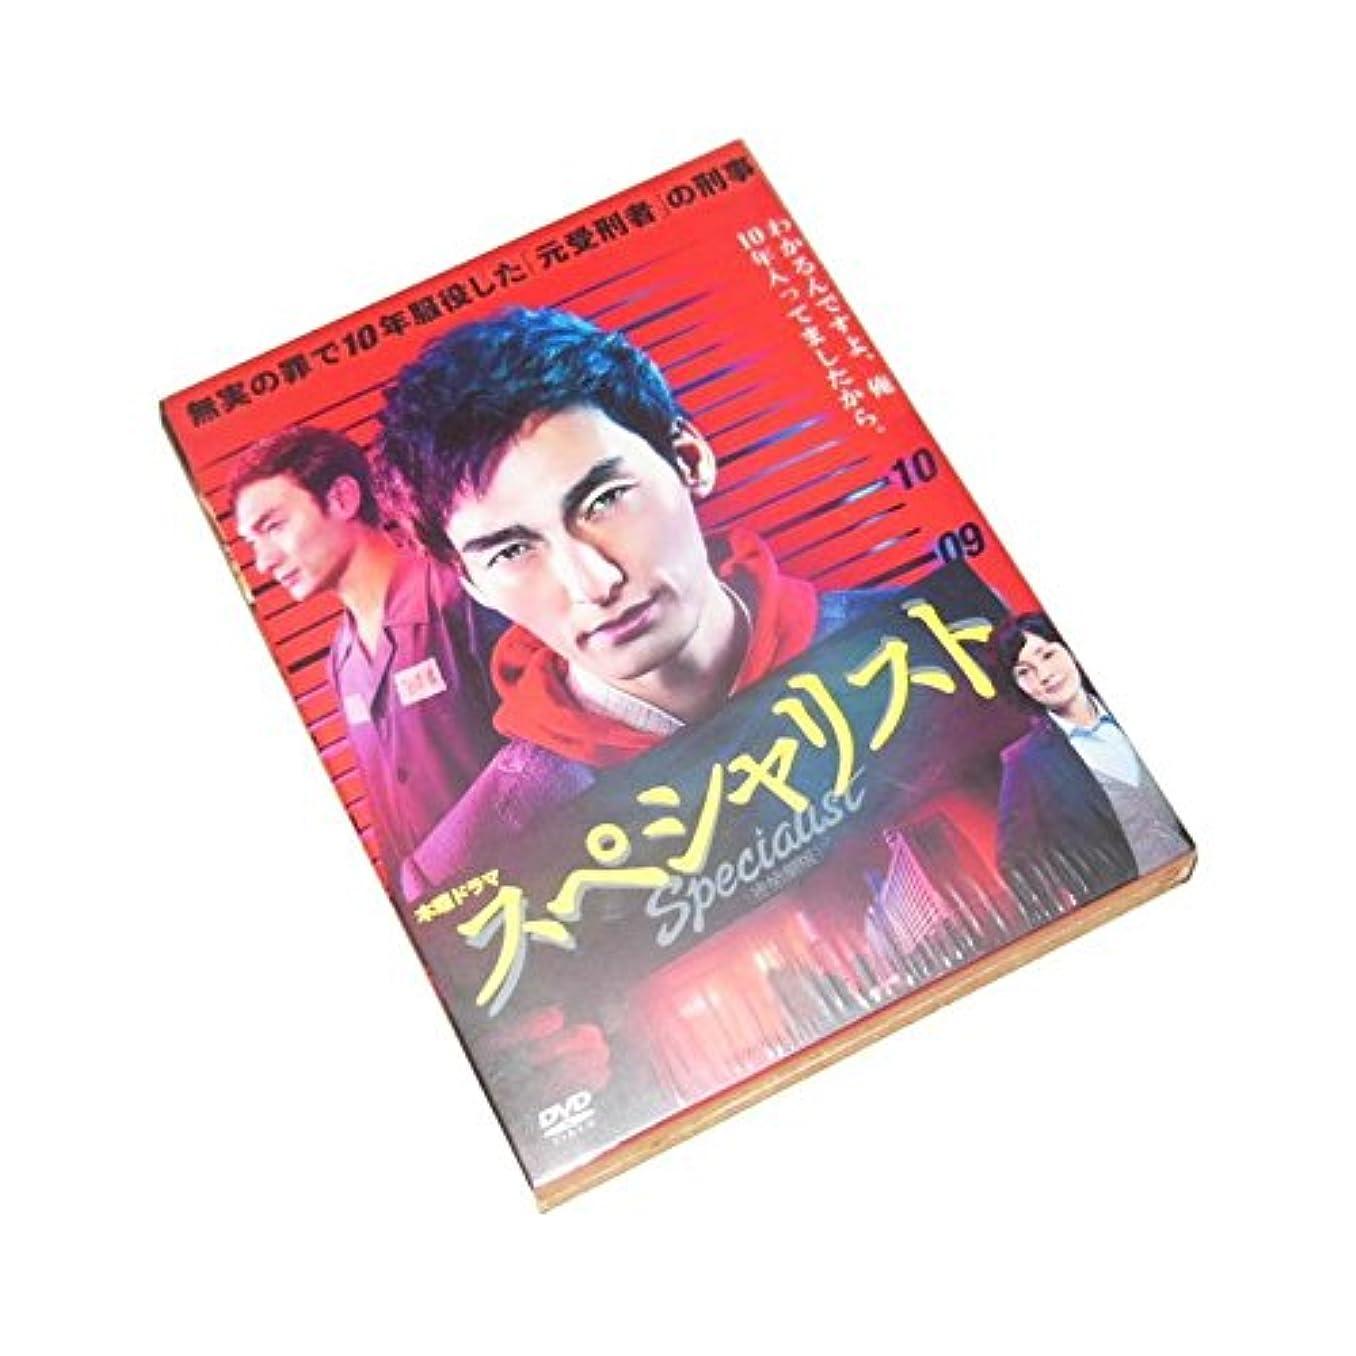 真面目なストローク評価可能「連続ドラマシリーズ スペシャリスト」 主演:草彅剛 南果歩